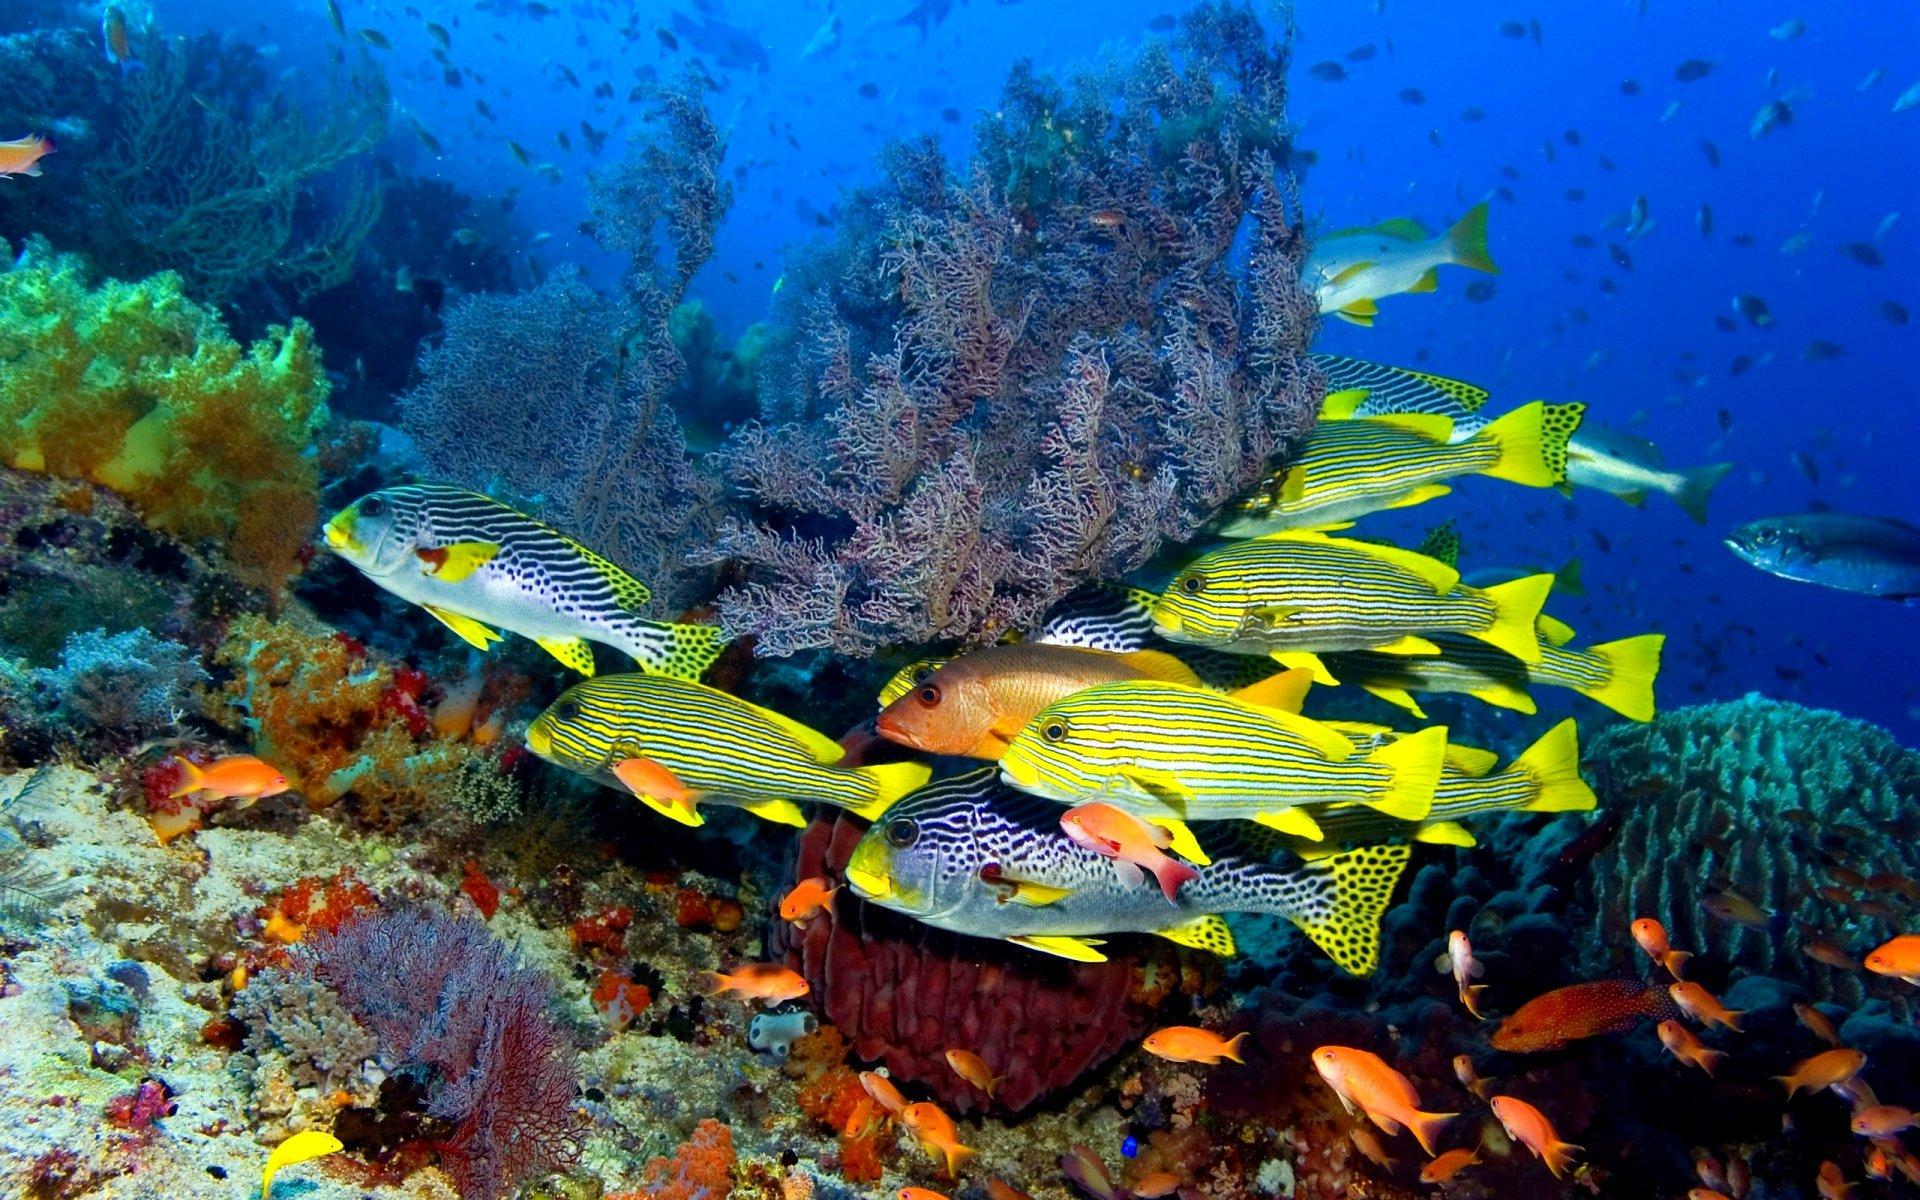 комментарии подписчиков картинки море с рыбами поздравления форме стиха